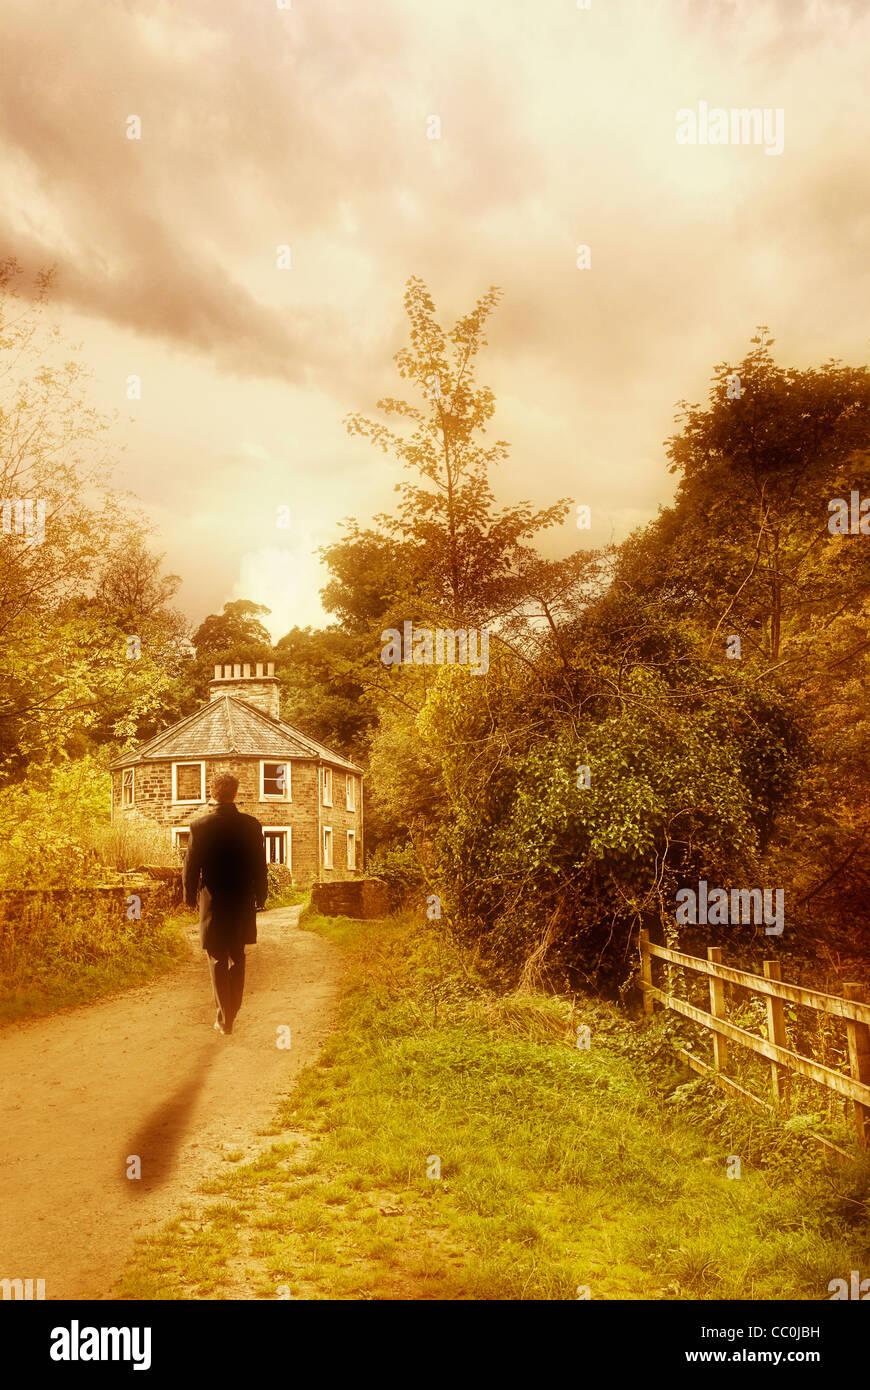 Mann zu Fuß in Richtung Haus auf dem Land Stockbild